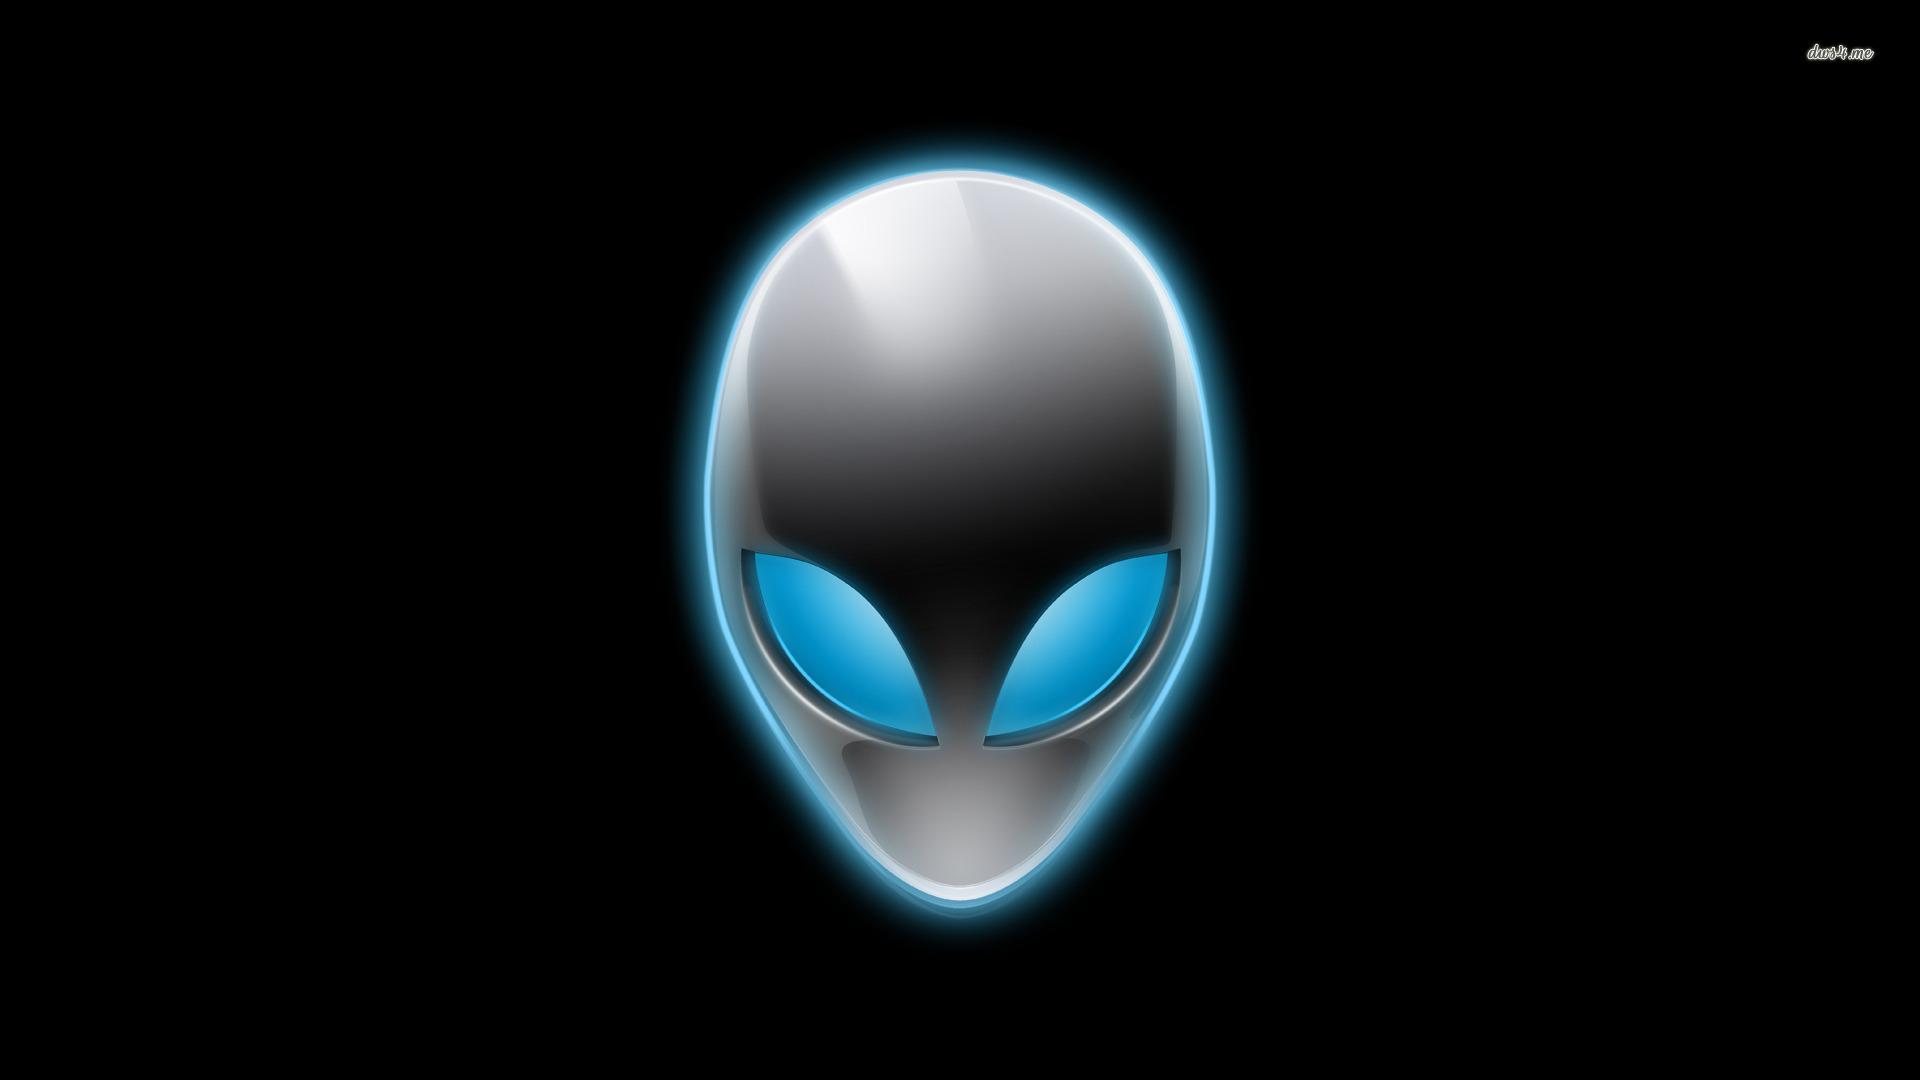 Alienware Logo wallpaper 196796 1920x1080